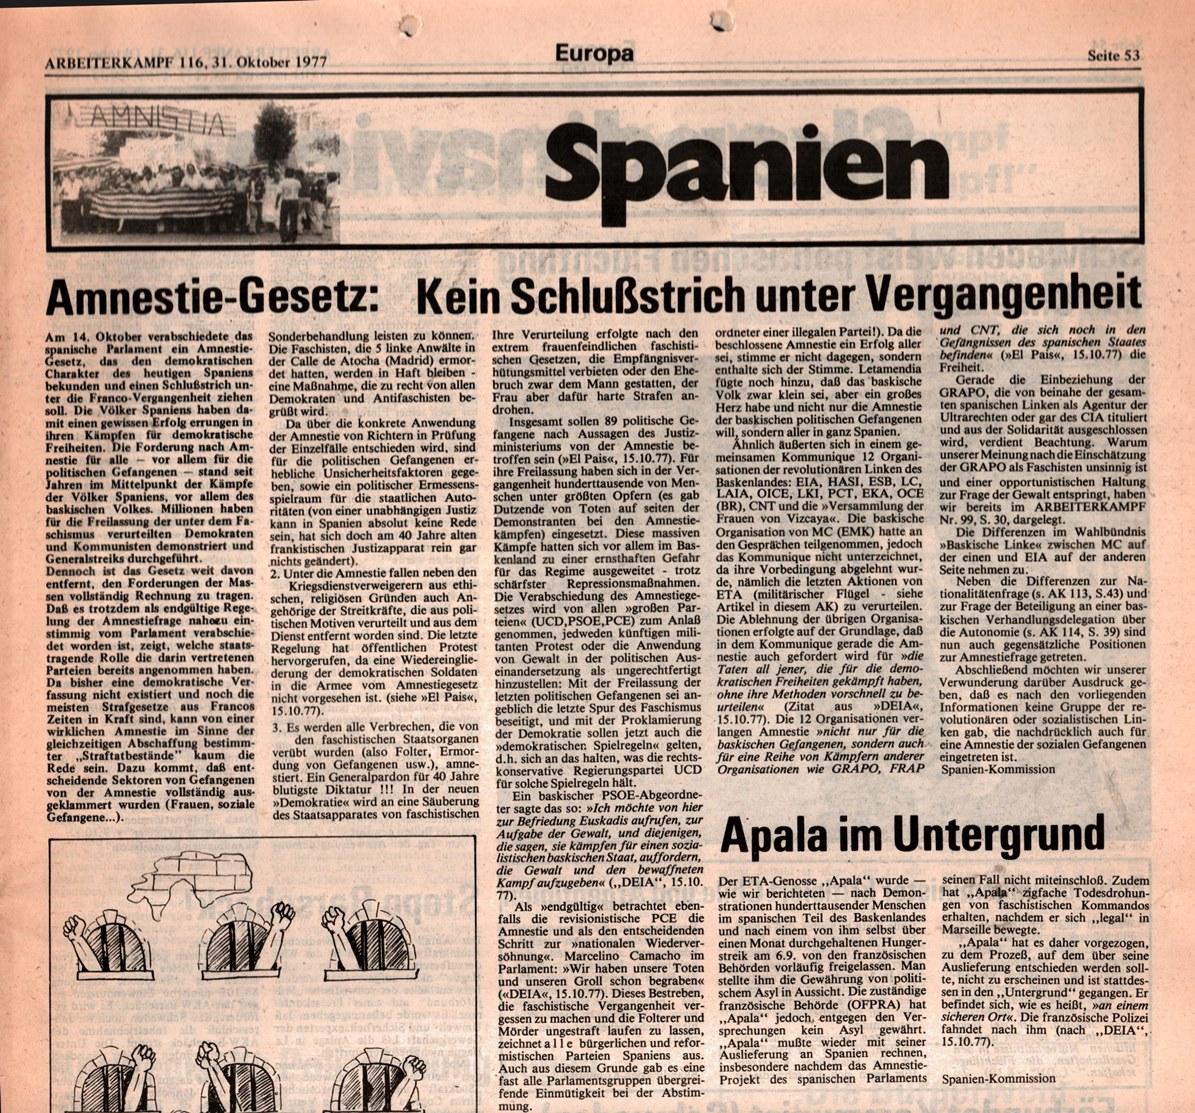 KB_AK_1977_116_105